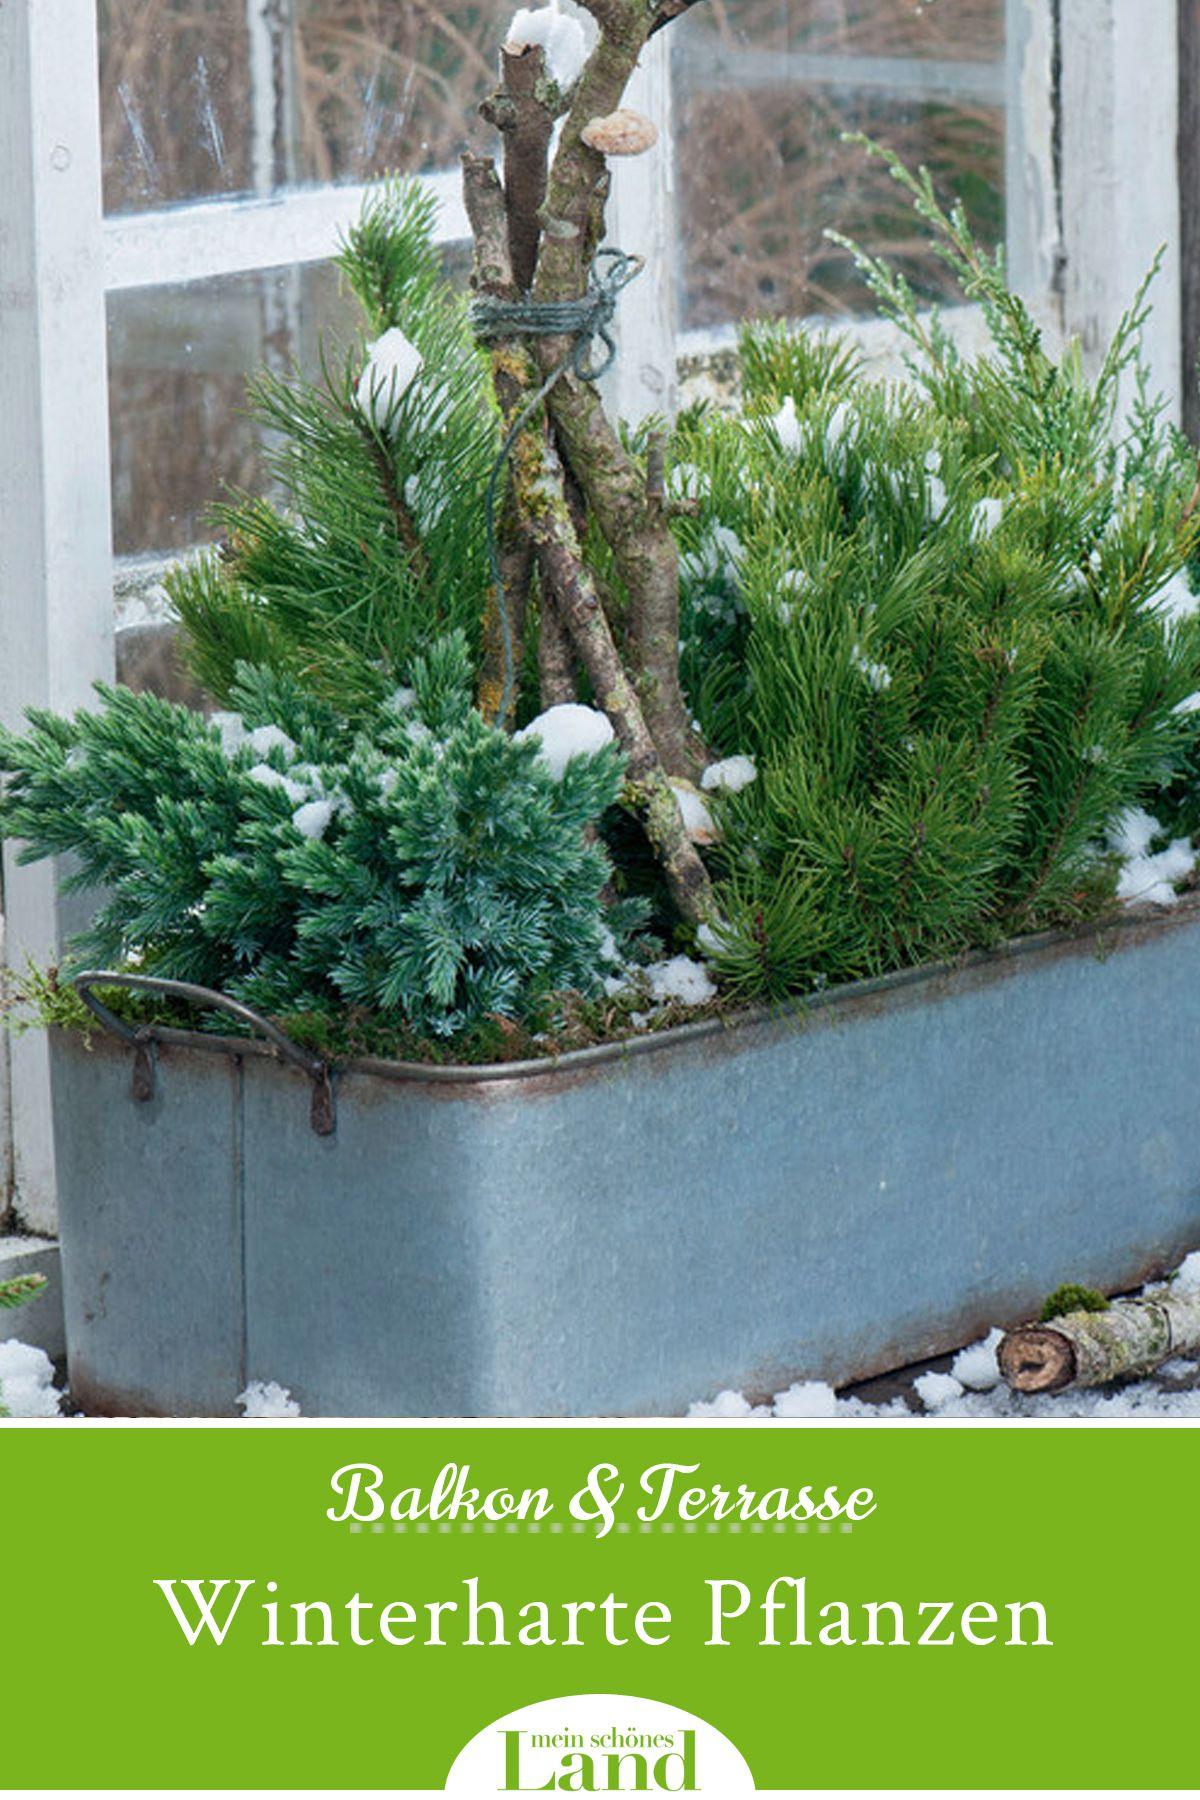 Winterharte Pflanzen Fur Balkon Und Terrasse Winterharte Pflanzen Fur Balkon Winterharte Pflanzen Pflanzen